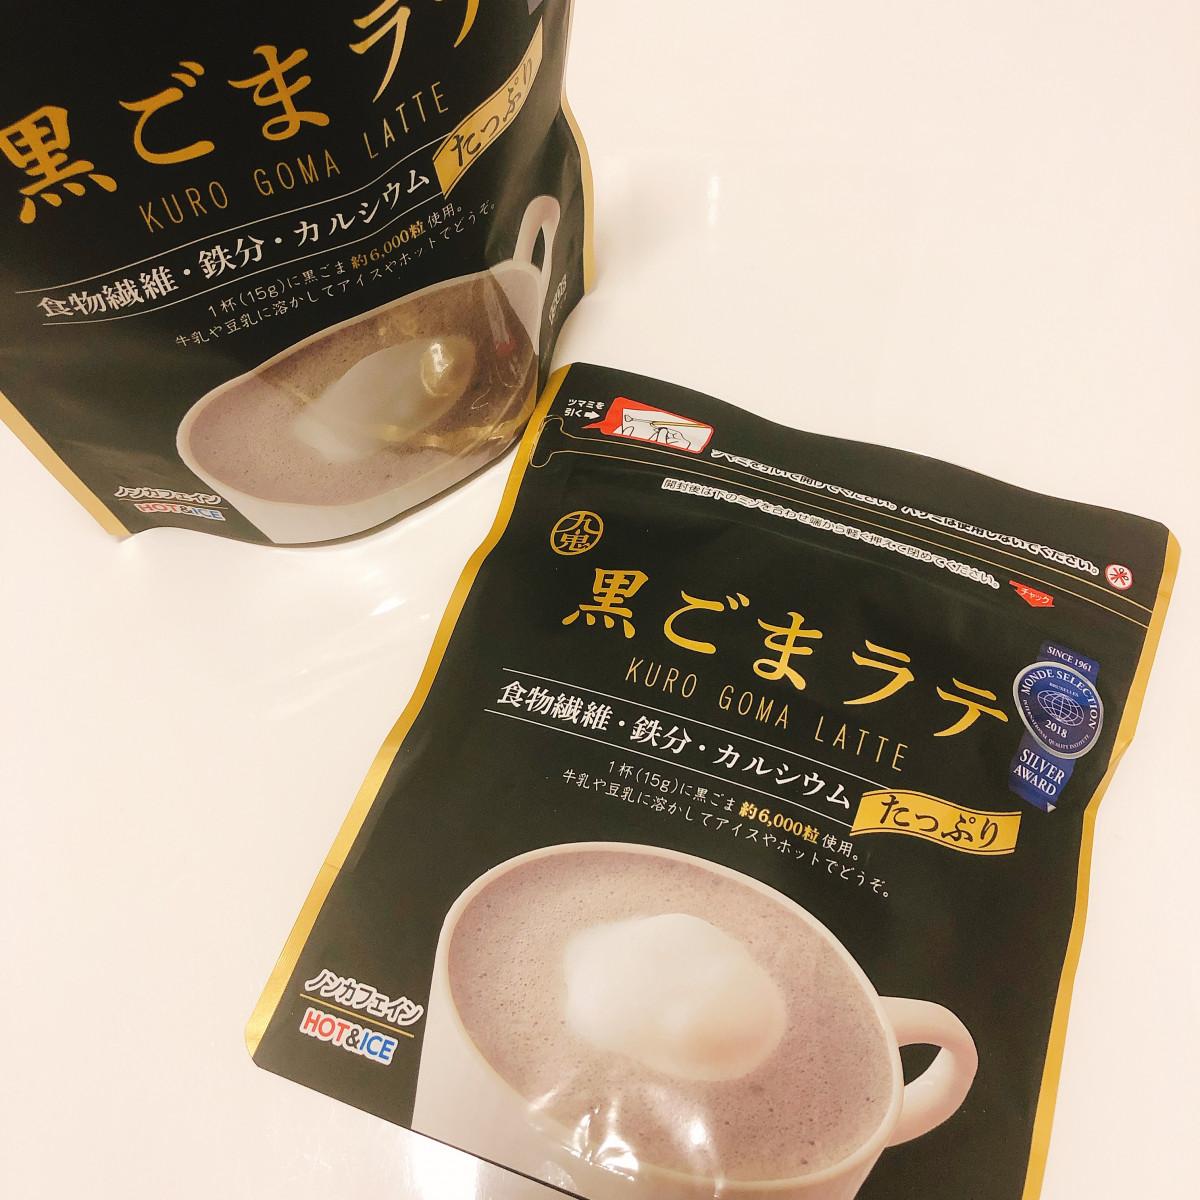 【黒ごまラテ】食物繊維・鉄分・カルシウムたっぷりの美味しいノンカフェインラテ☆